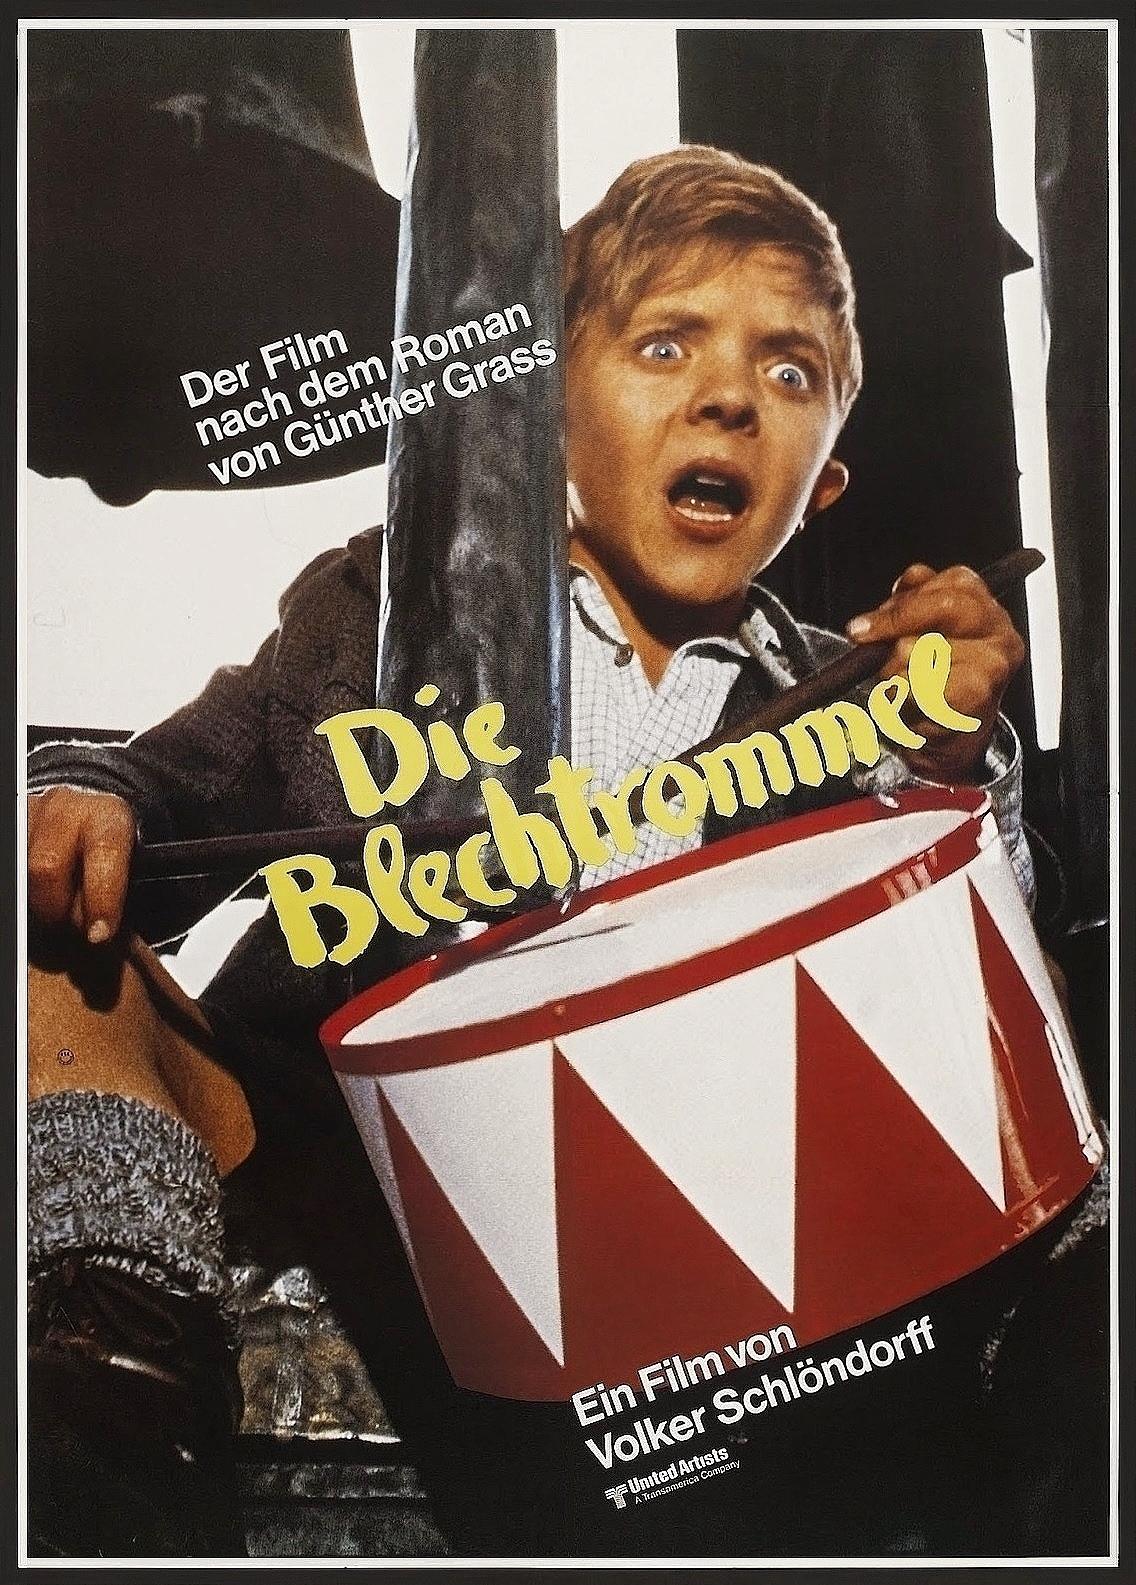 ดูหนังออนไลน์ Die Blechtrommel (1979)